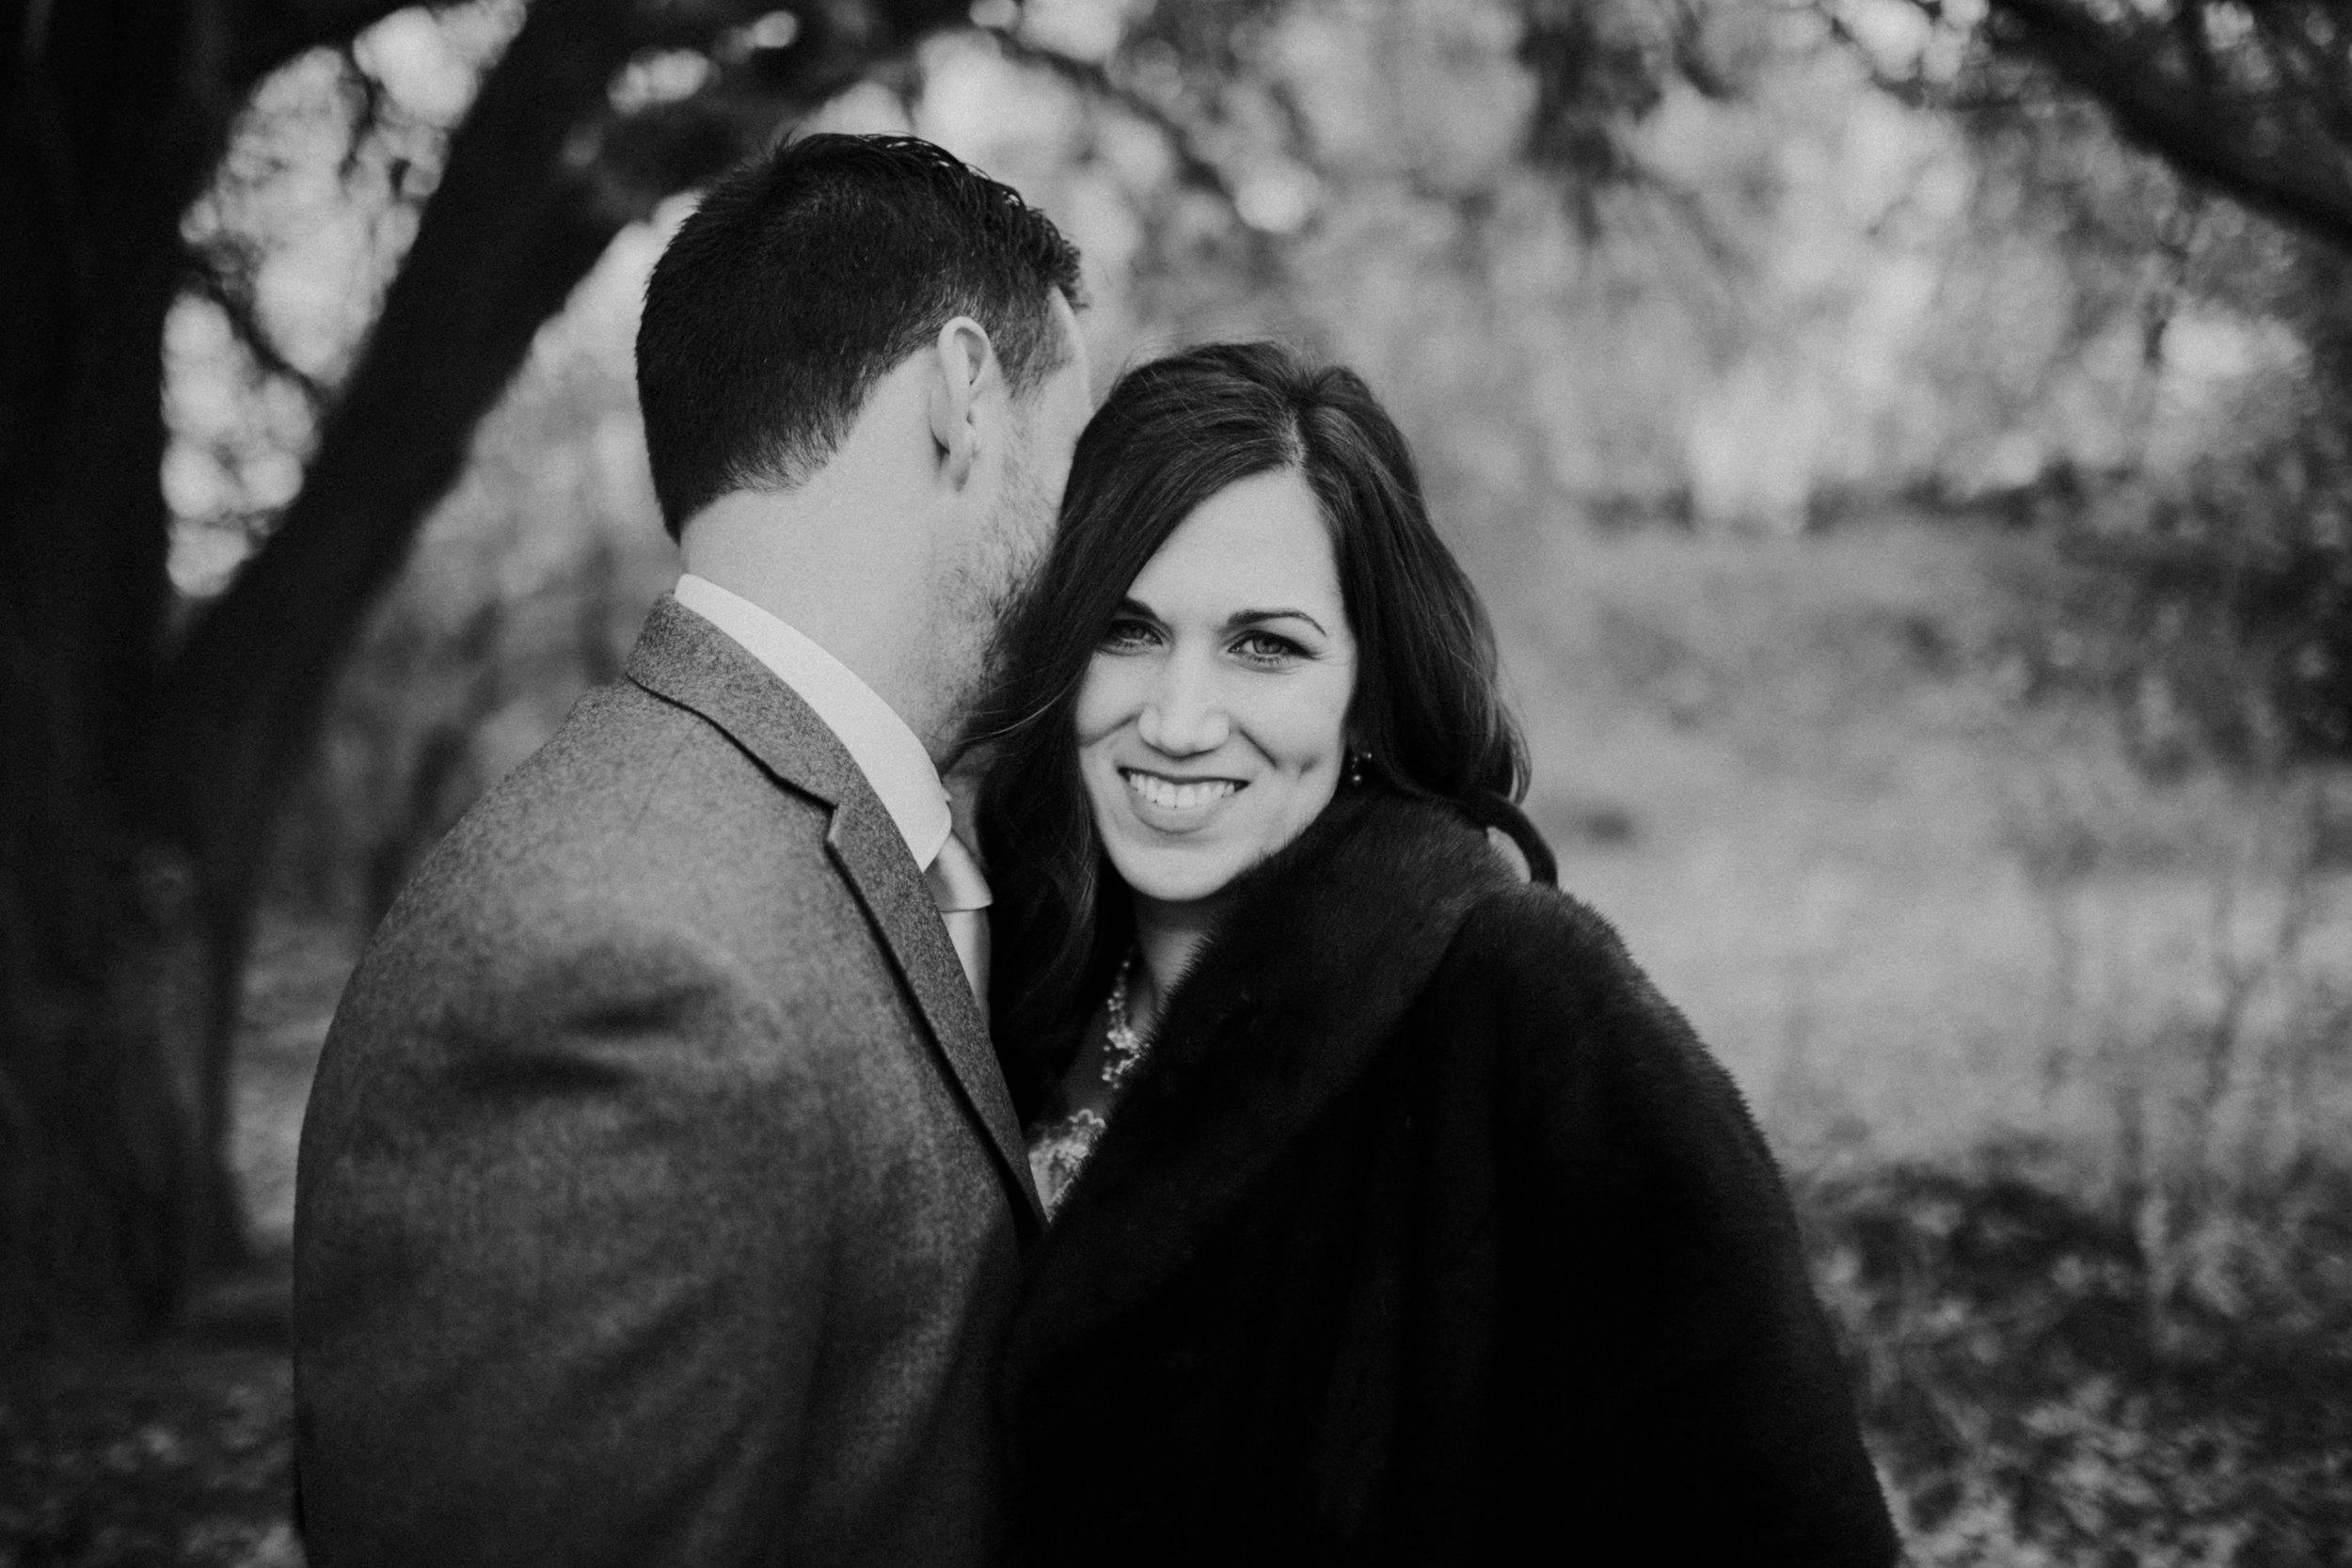 Sarah and Jared-1182.jpg